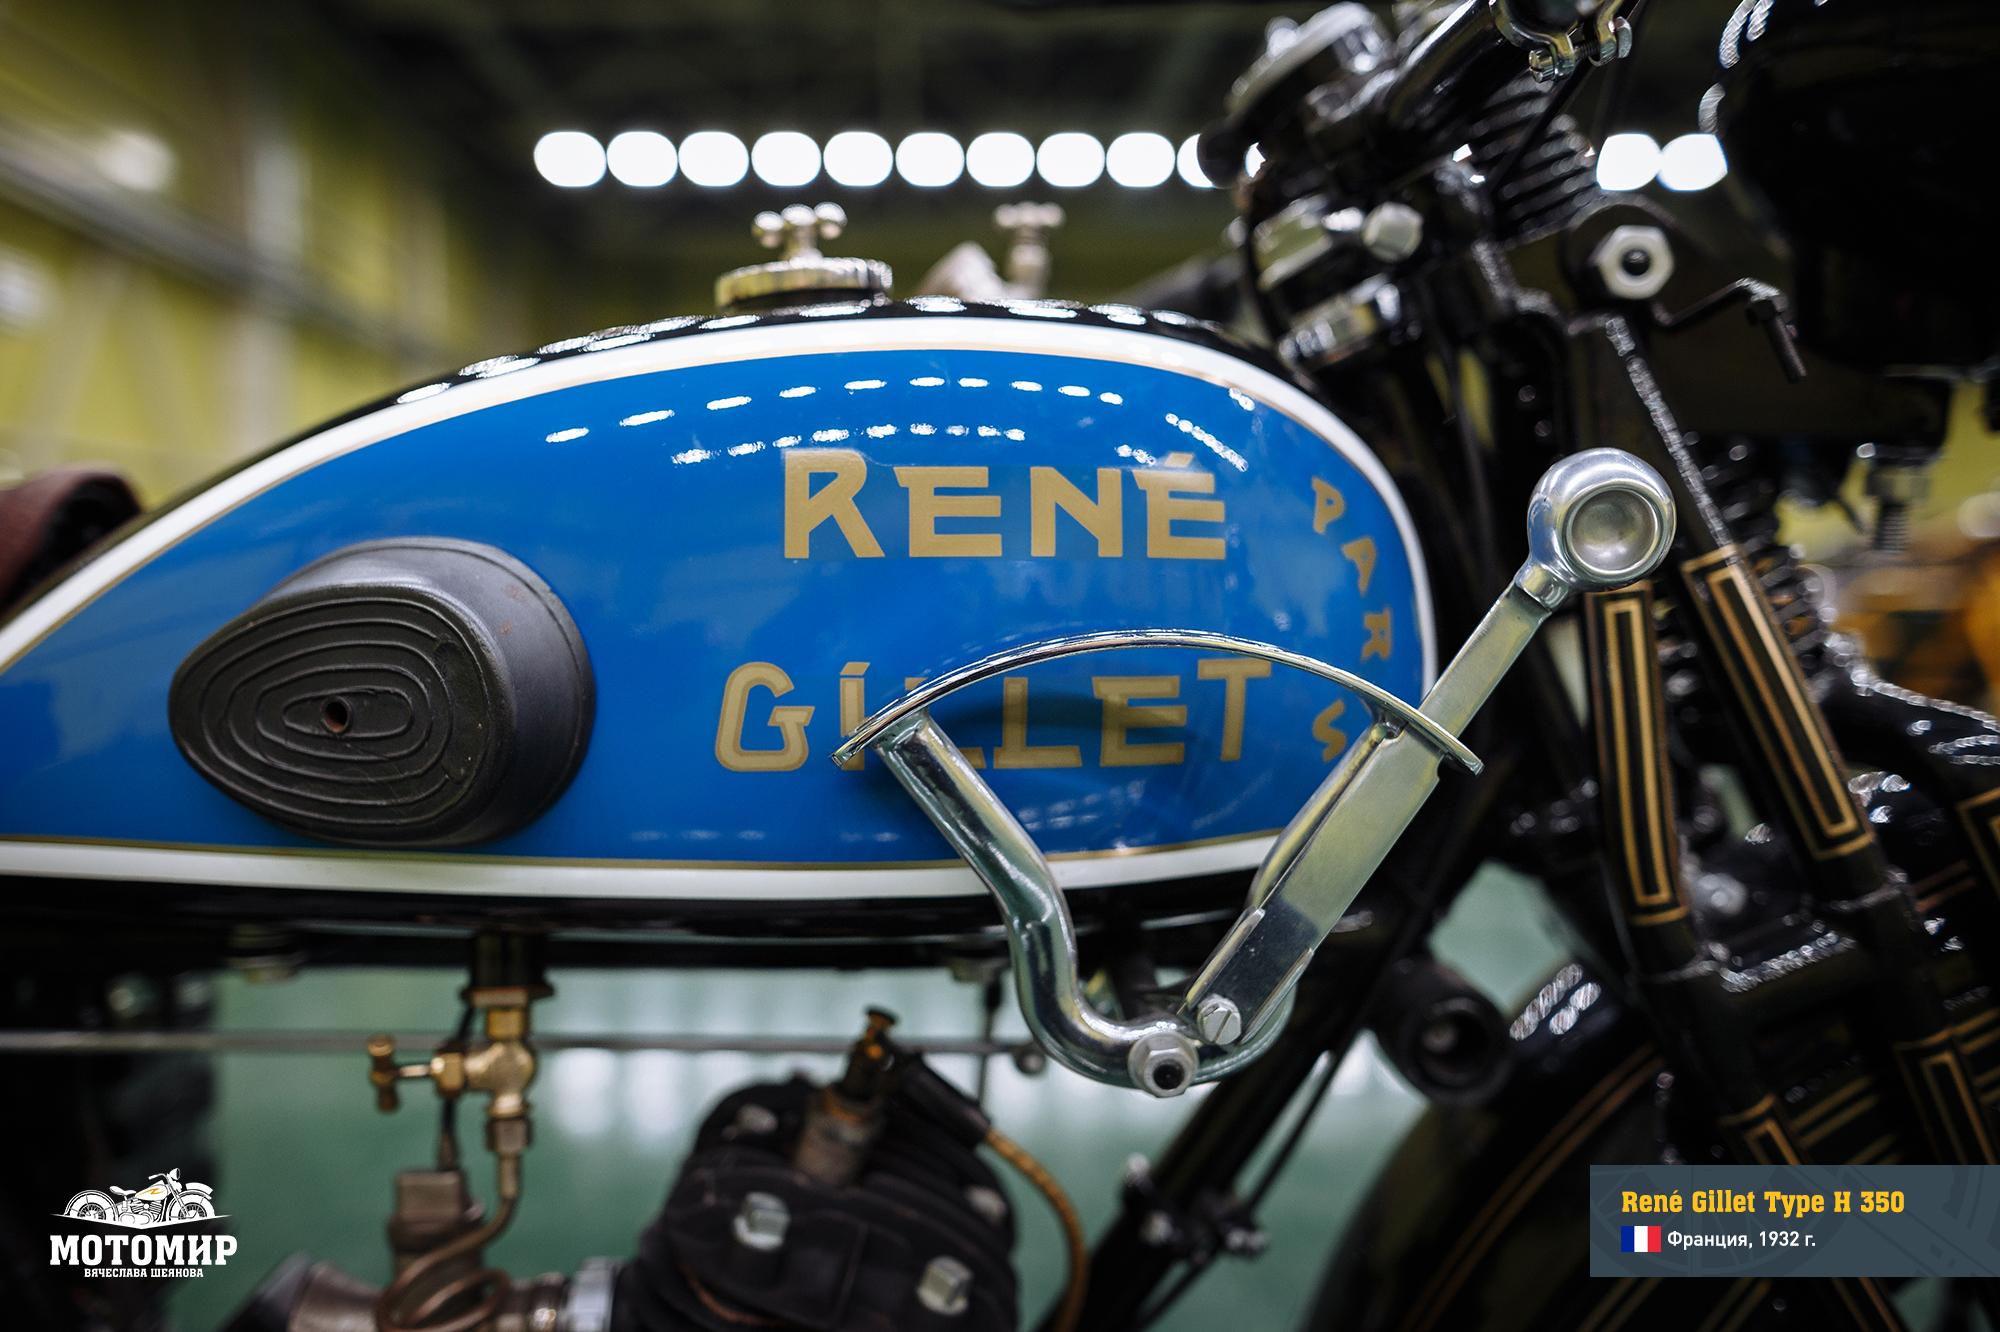 rene-gillet-350-201610-web-29